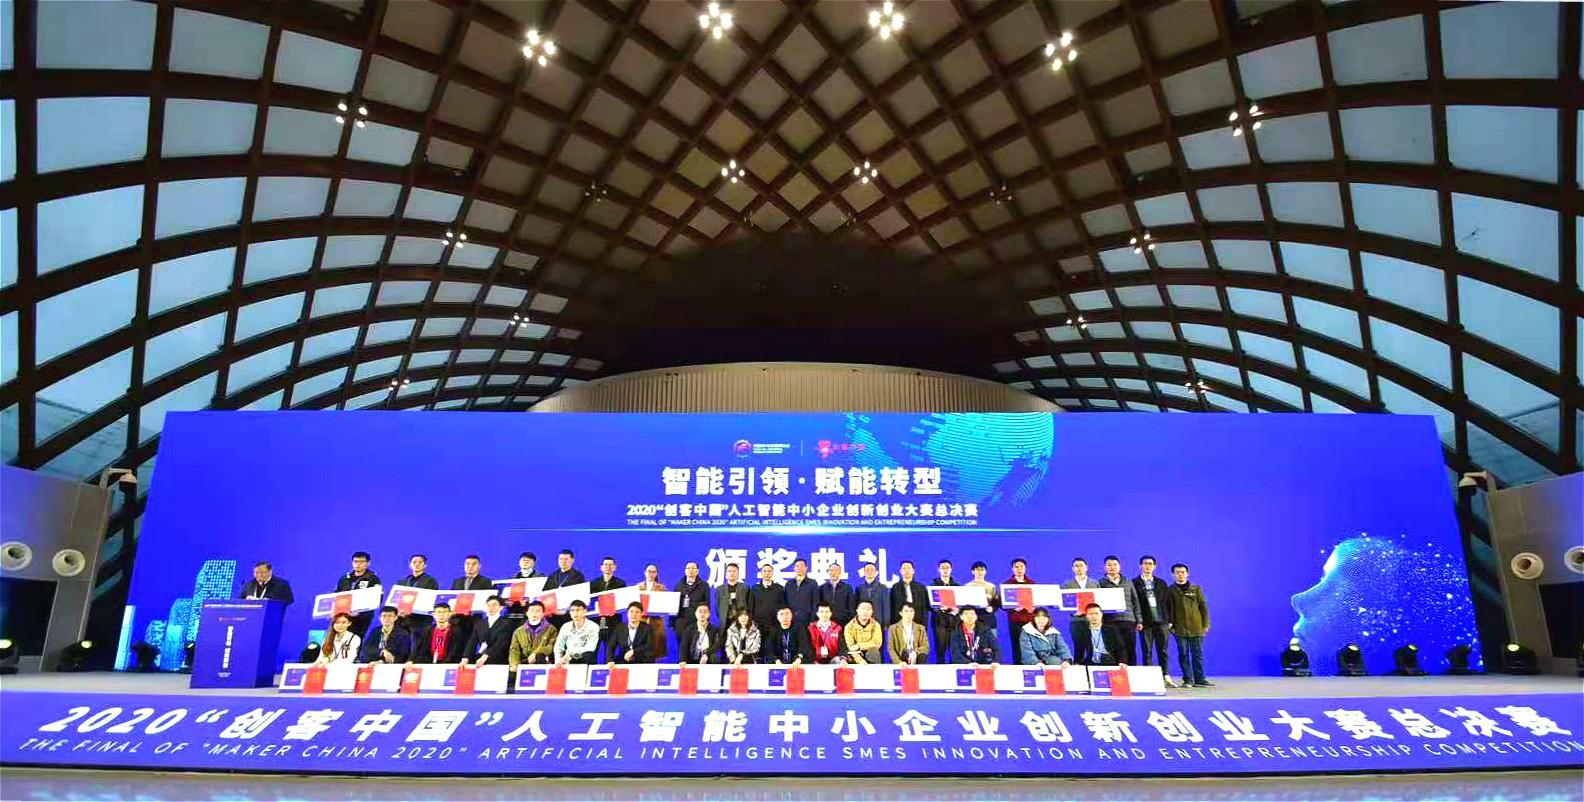 """AIPARK爱泊车凭借人工智能硬科技荣获2020""""创客中国""""大赛一等奖"""